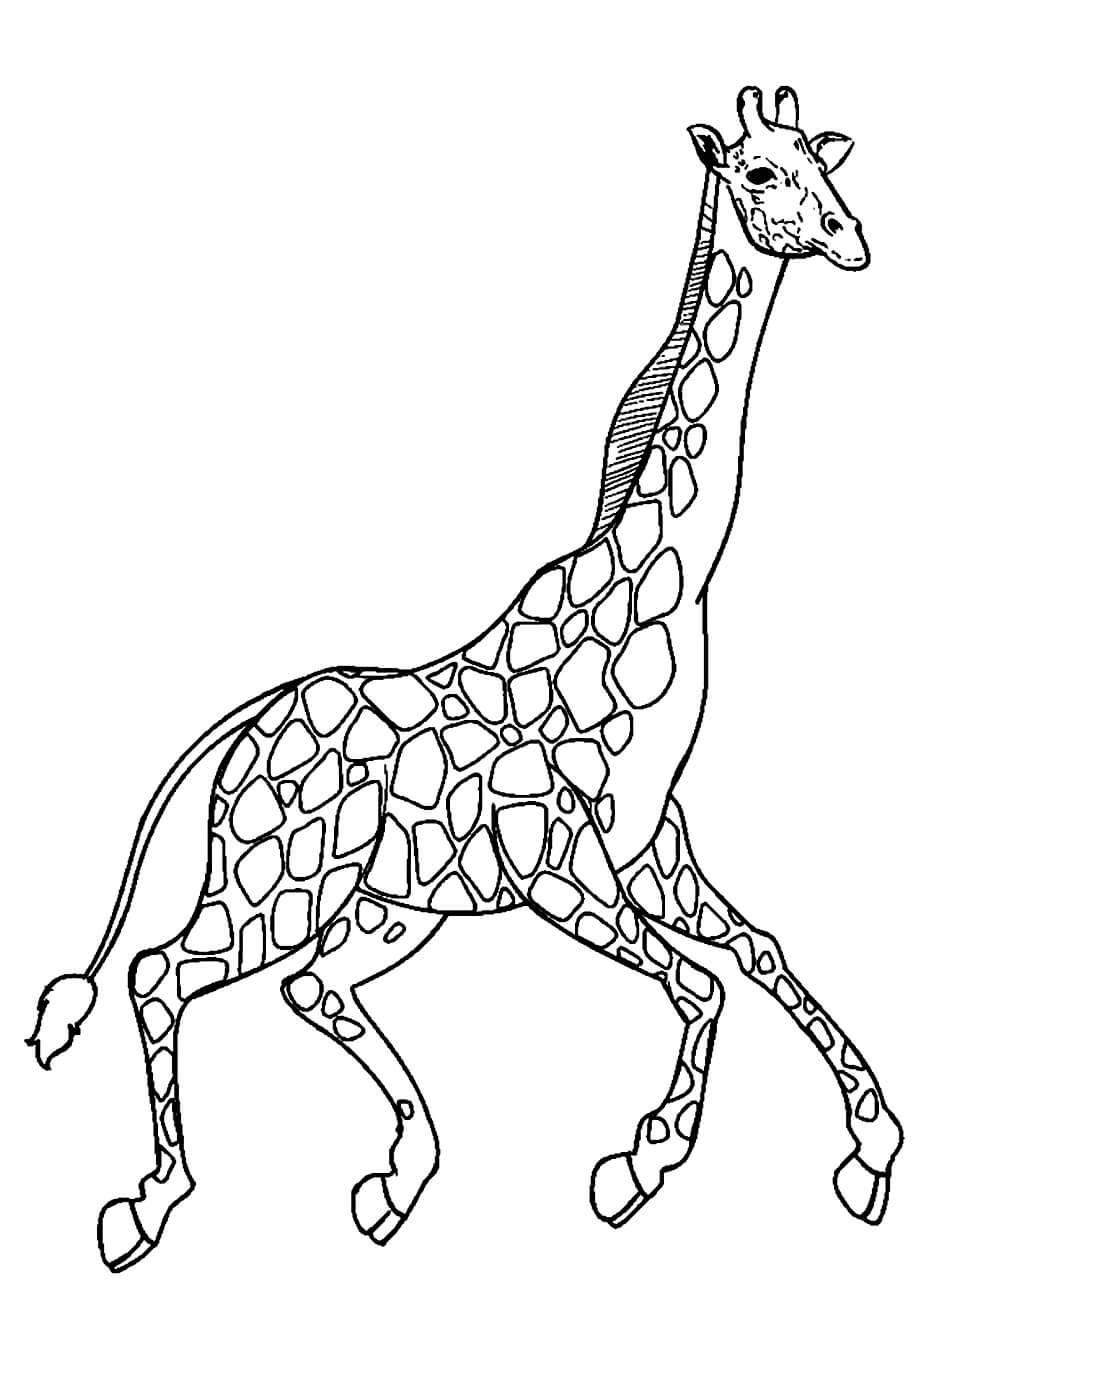 Раскраска Бегущий жираф